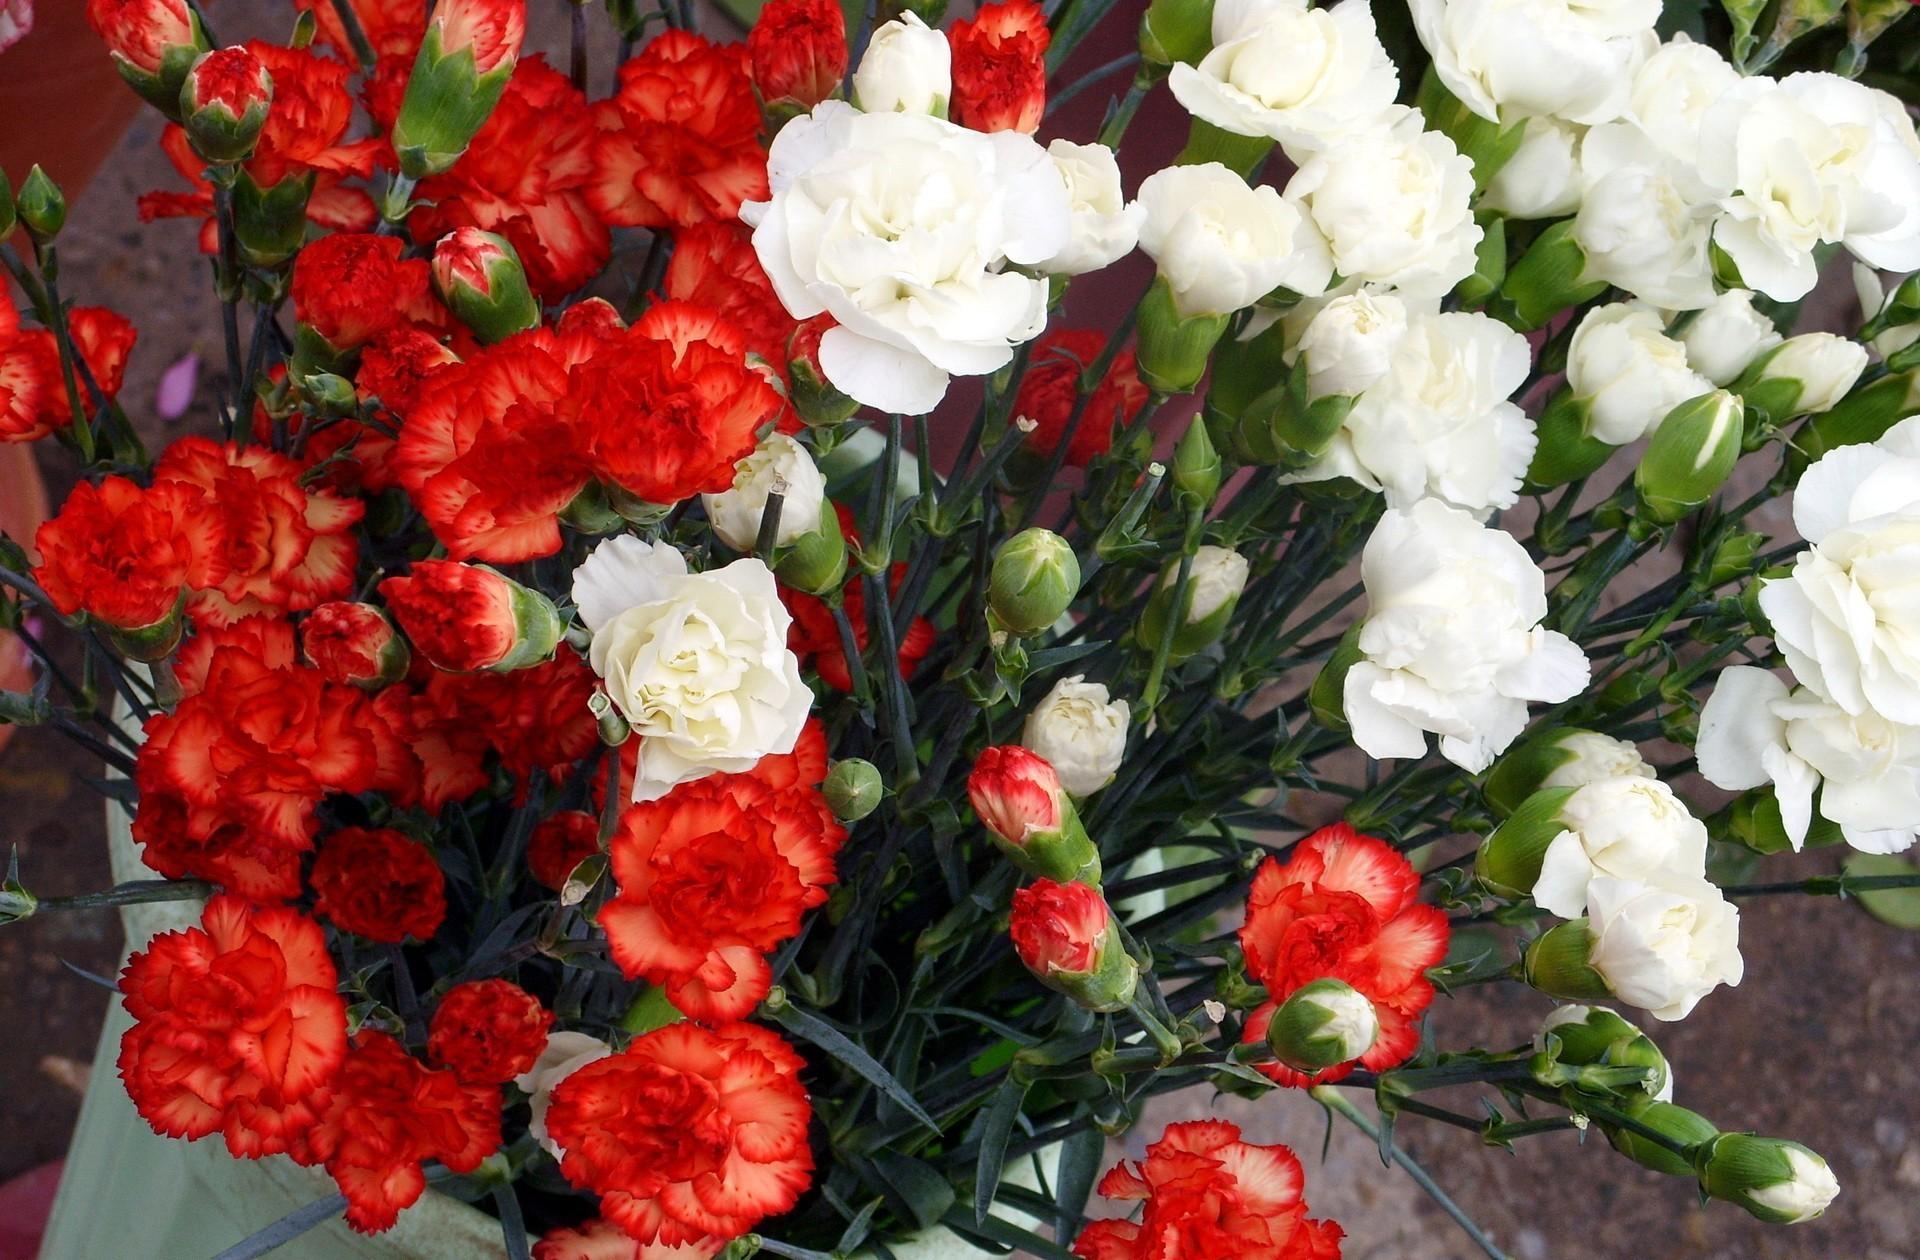 57003 Заставки и Обои Гвоздики на телефон. Скачать Цветы, Гвоздики, Красный, Белый, Много картинки бесплатно